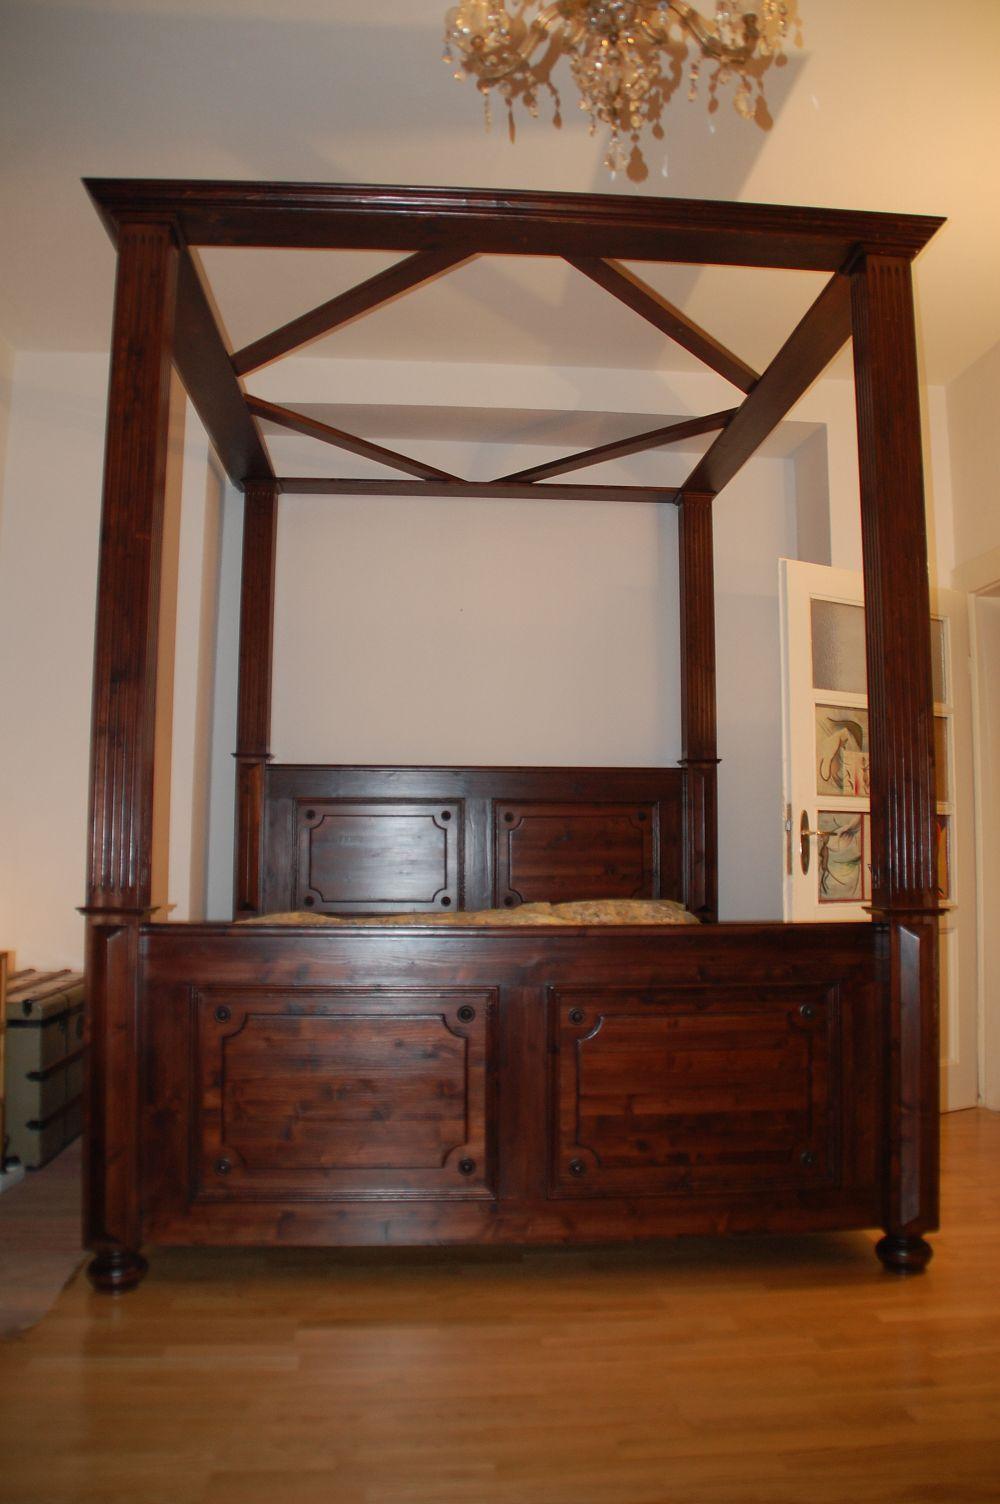 Landhausbett Im Stil Der Gründerzeit Aus Weichholz   Die Möbelschmiede    Bed Wood Vintage Antik Bett